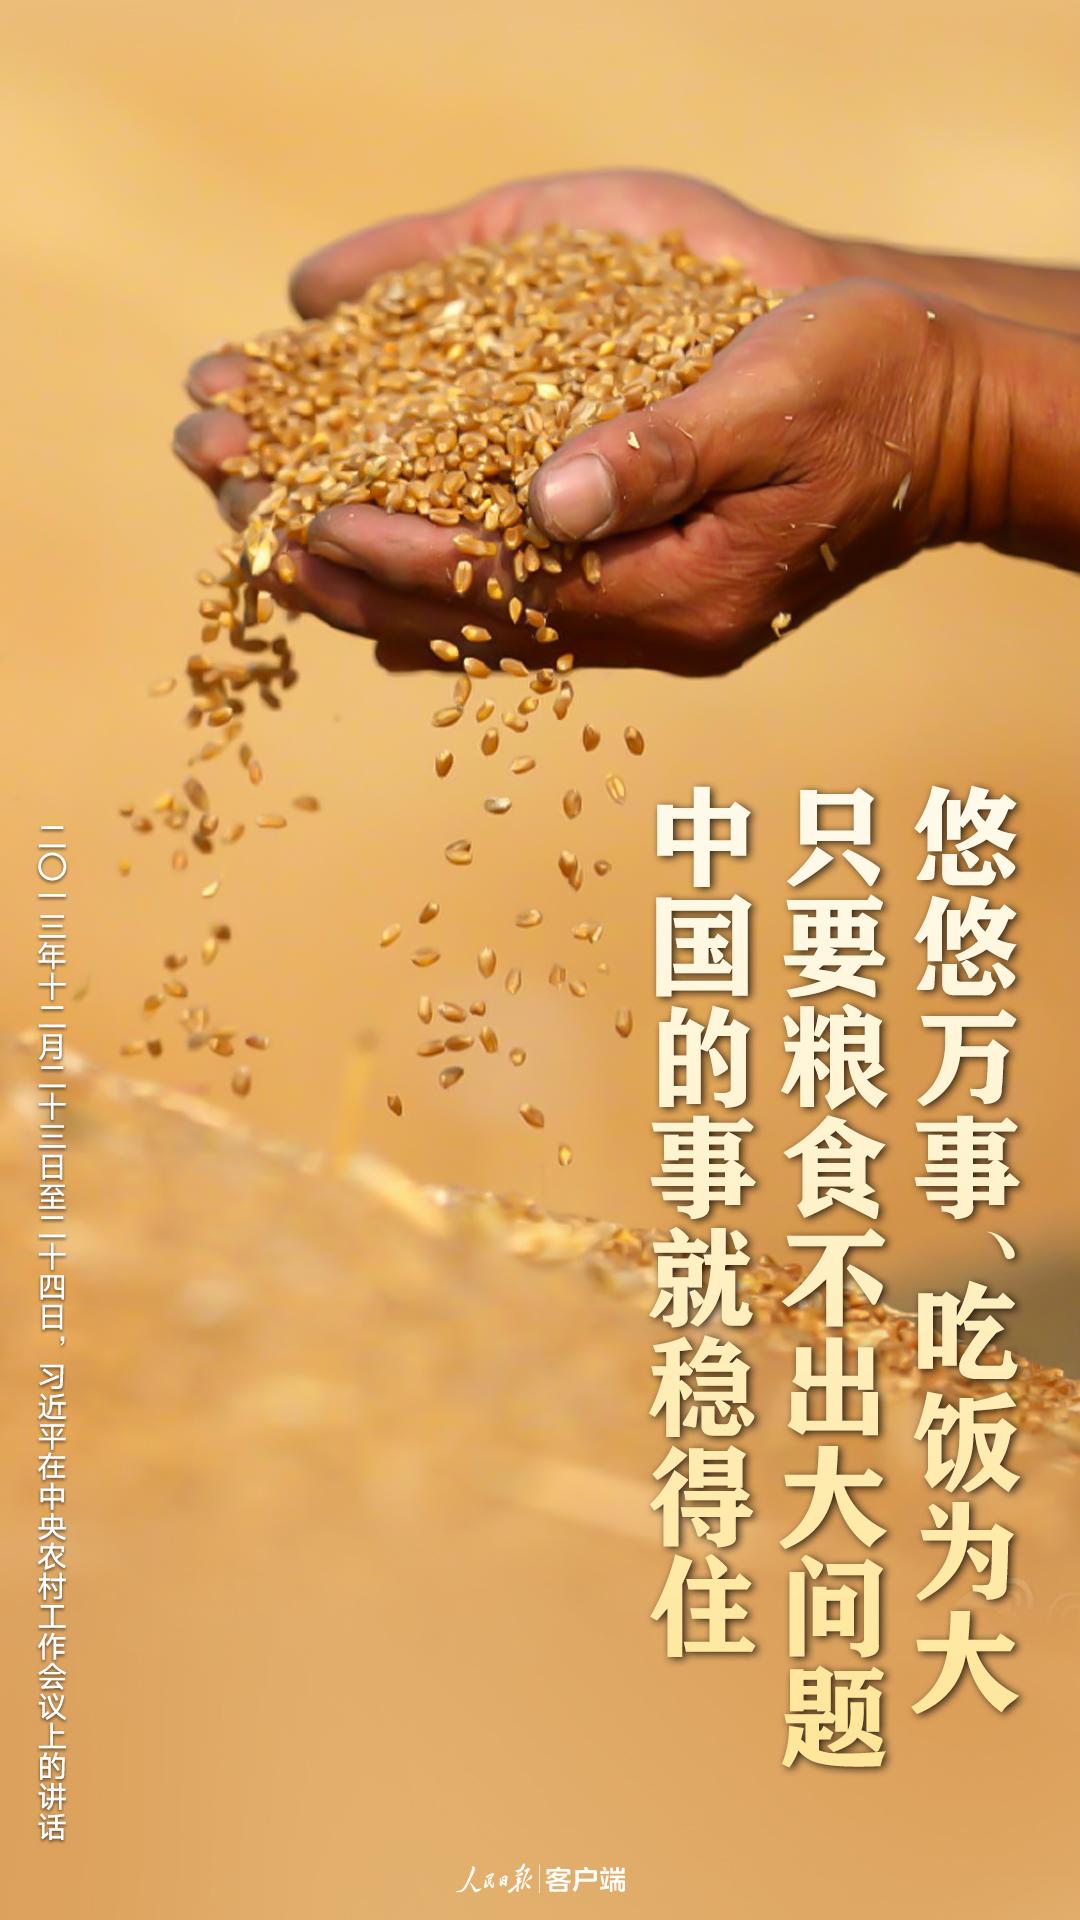 习近平:把中国人的饭碗牢牢端在自己手中